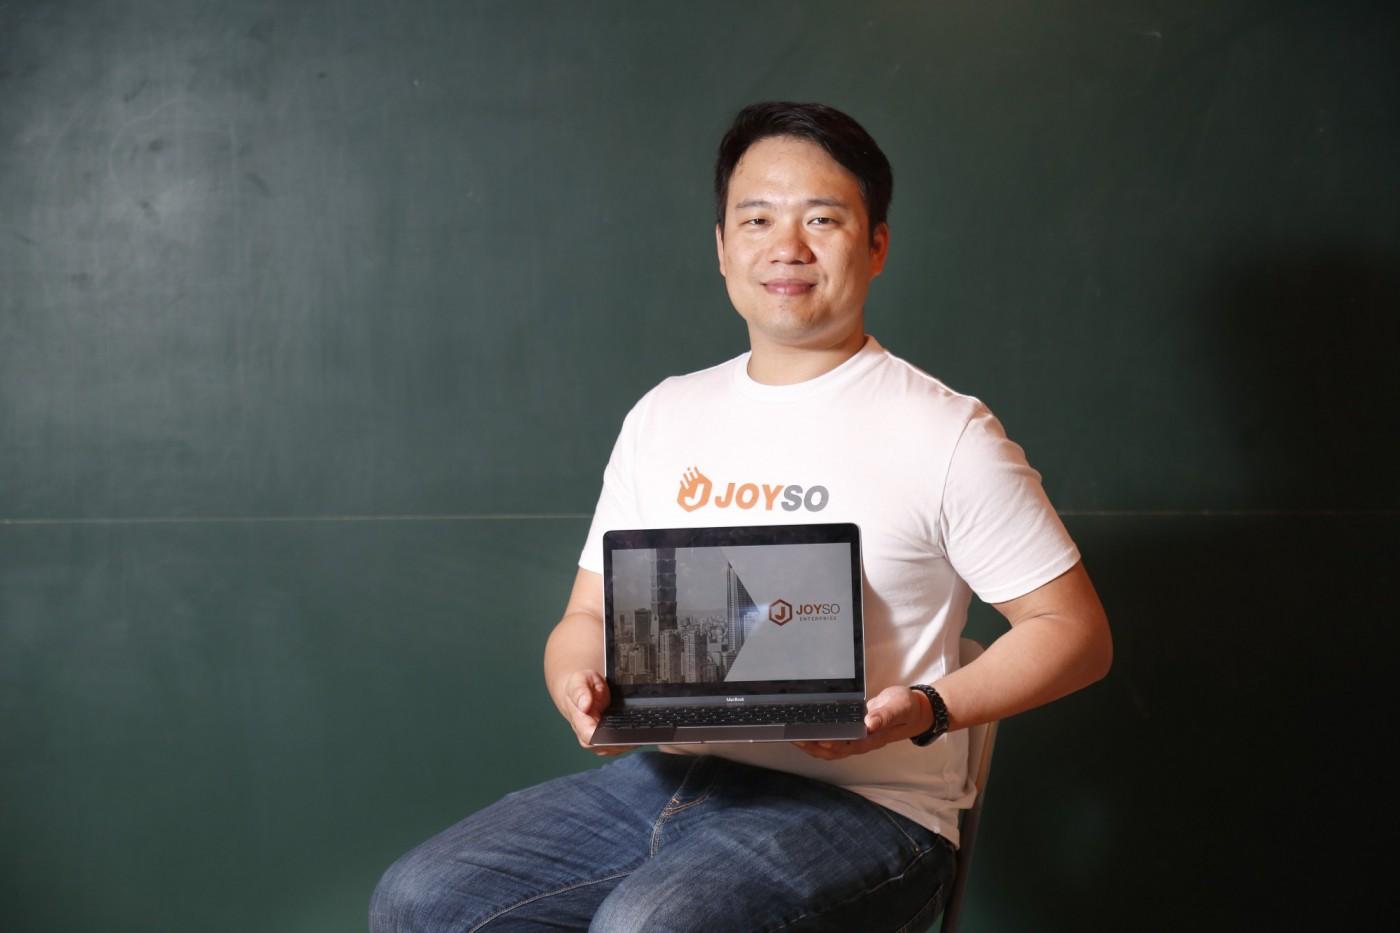 JOYSO創辦人宋倬榮:區塊鏈的未來不是剛需,是應用如何落地